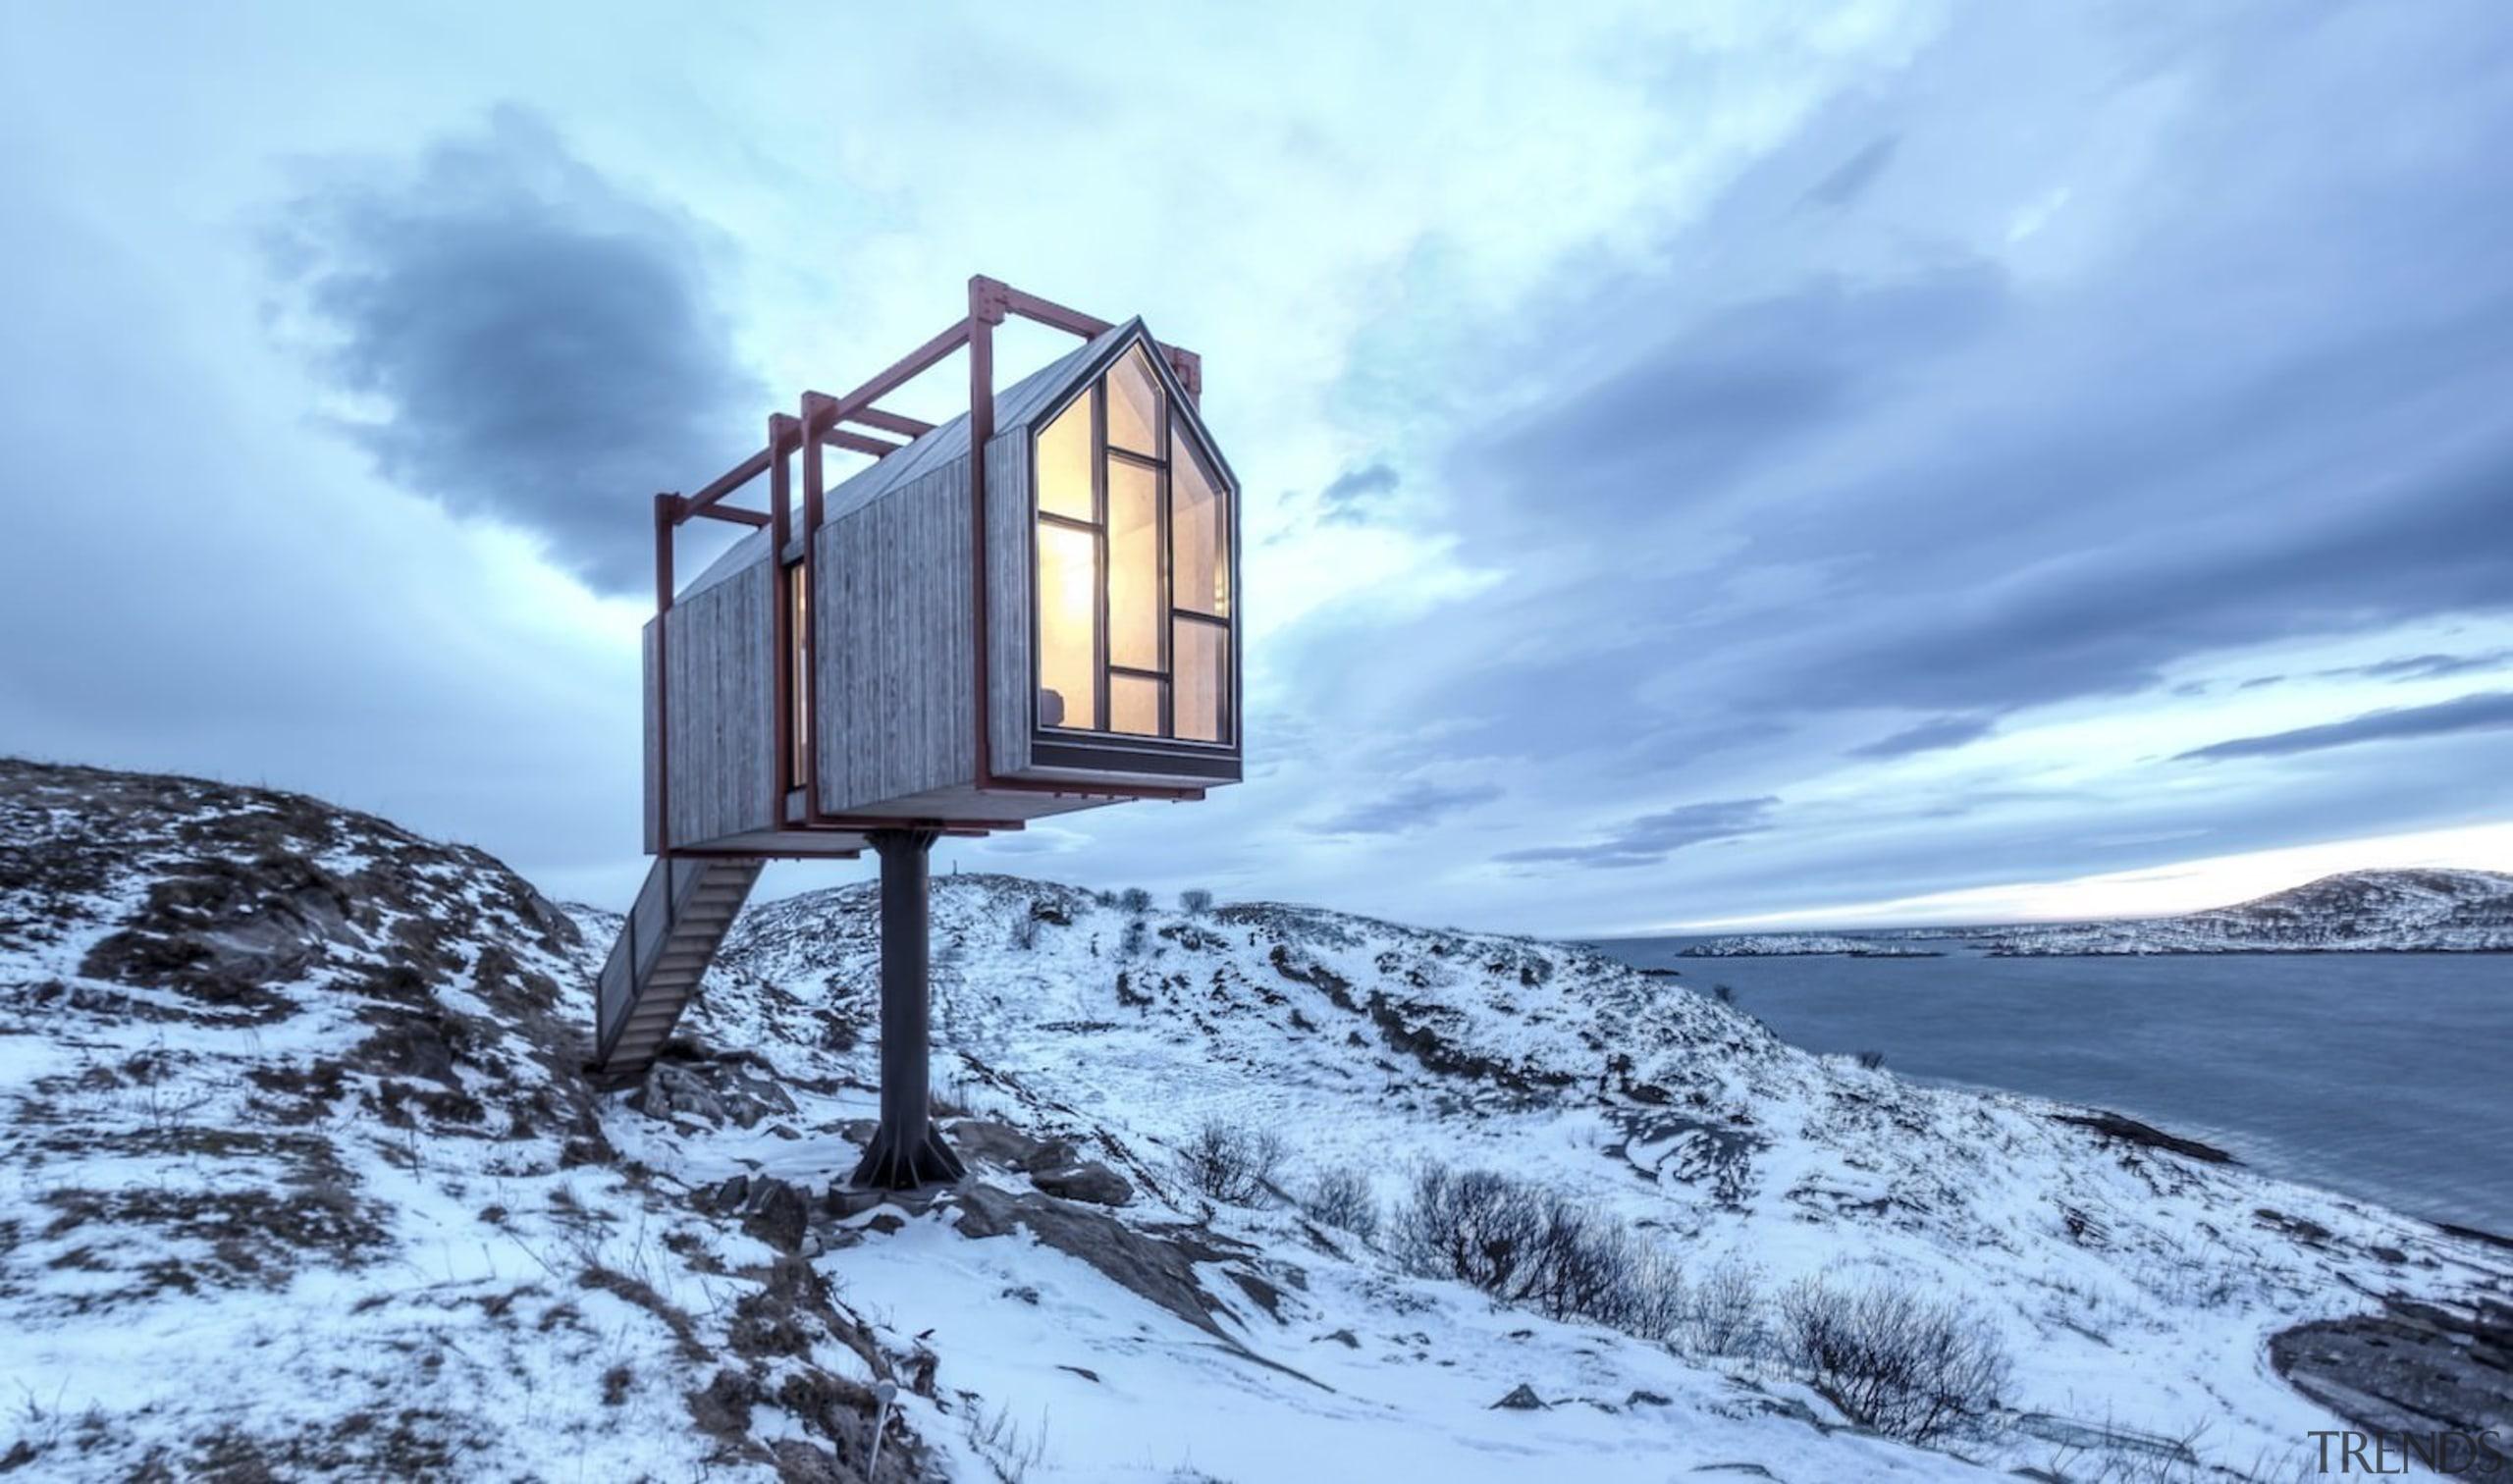 Architect: TYIN tegnestue ArchitectsPhotographer: Pasi Aalto / arctic, cloud, freezing, mountain, mountain range, sky, snow, winter, teal